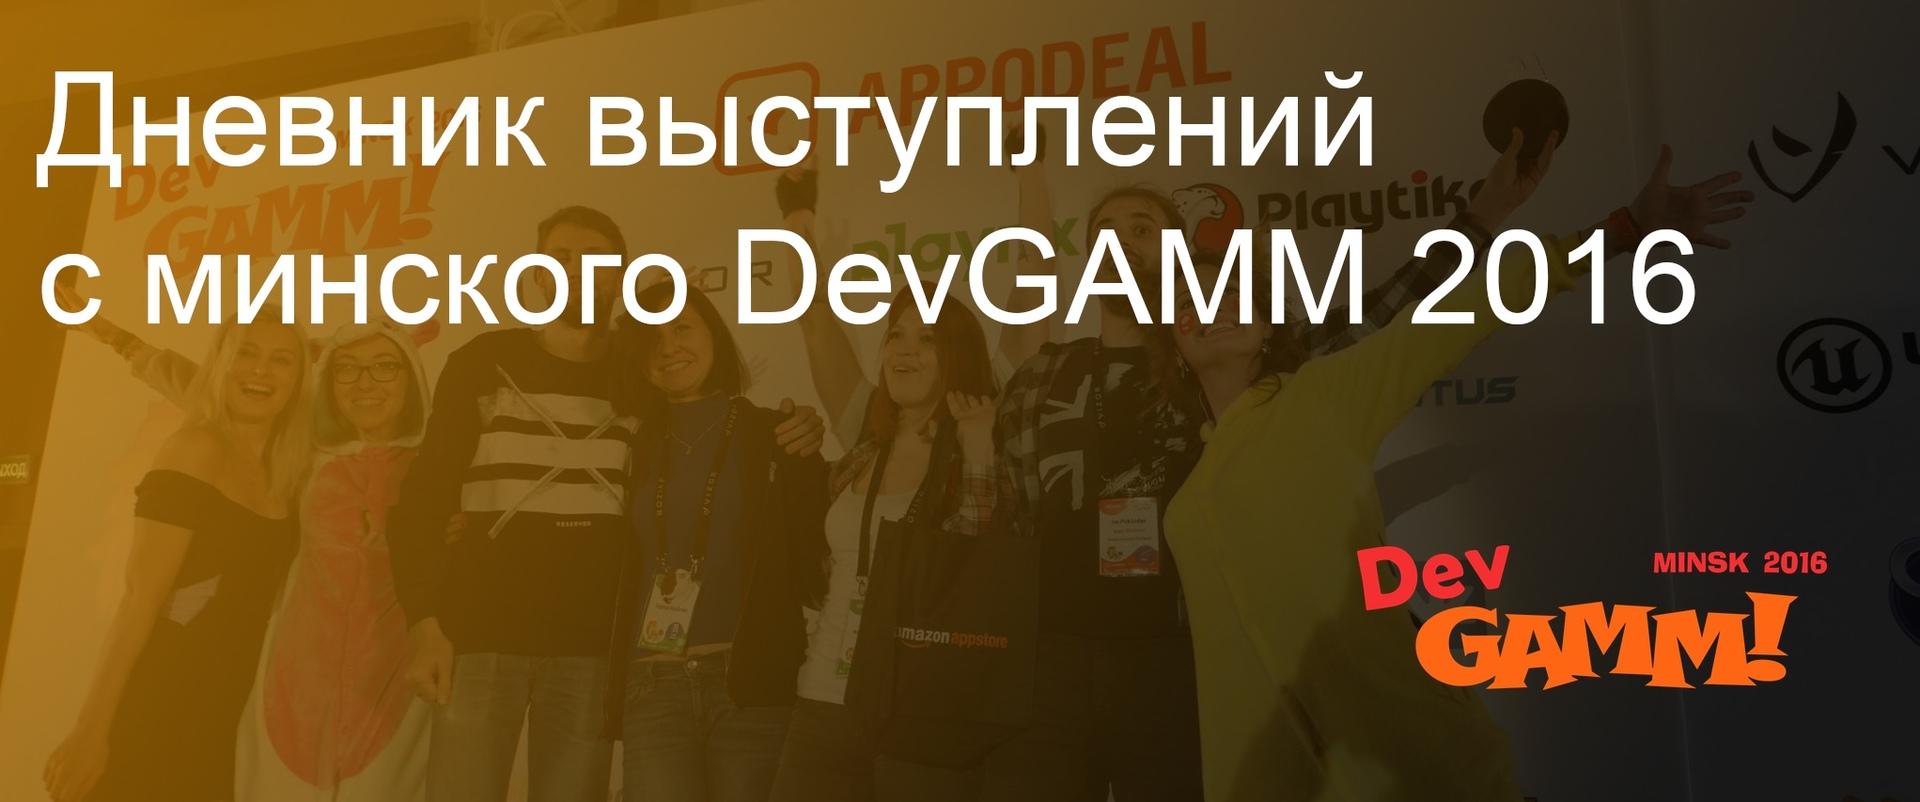 Дневник выступлений с минского DevGAMM 2016